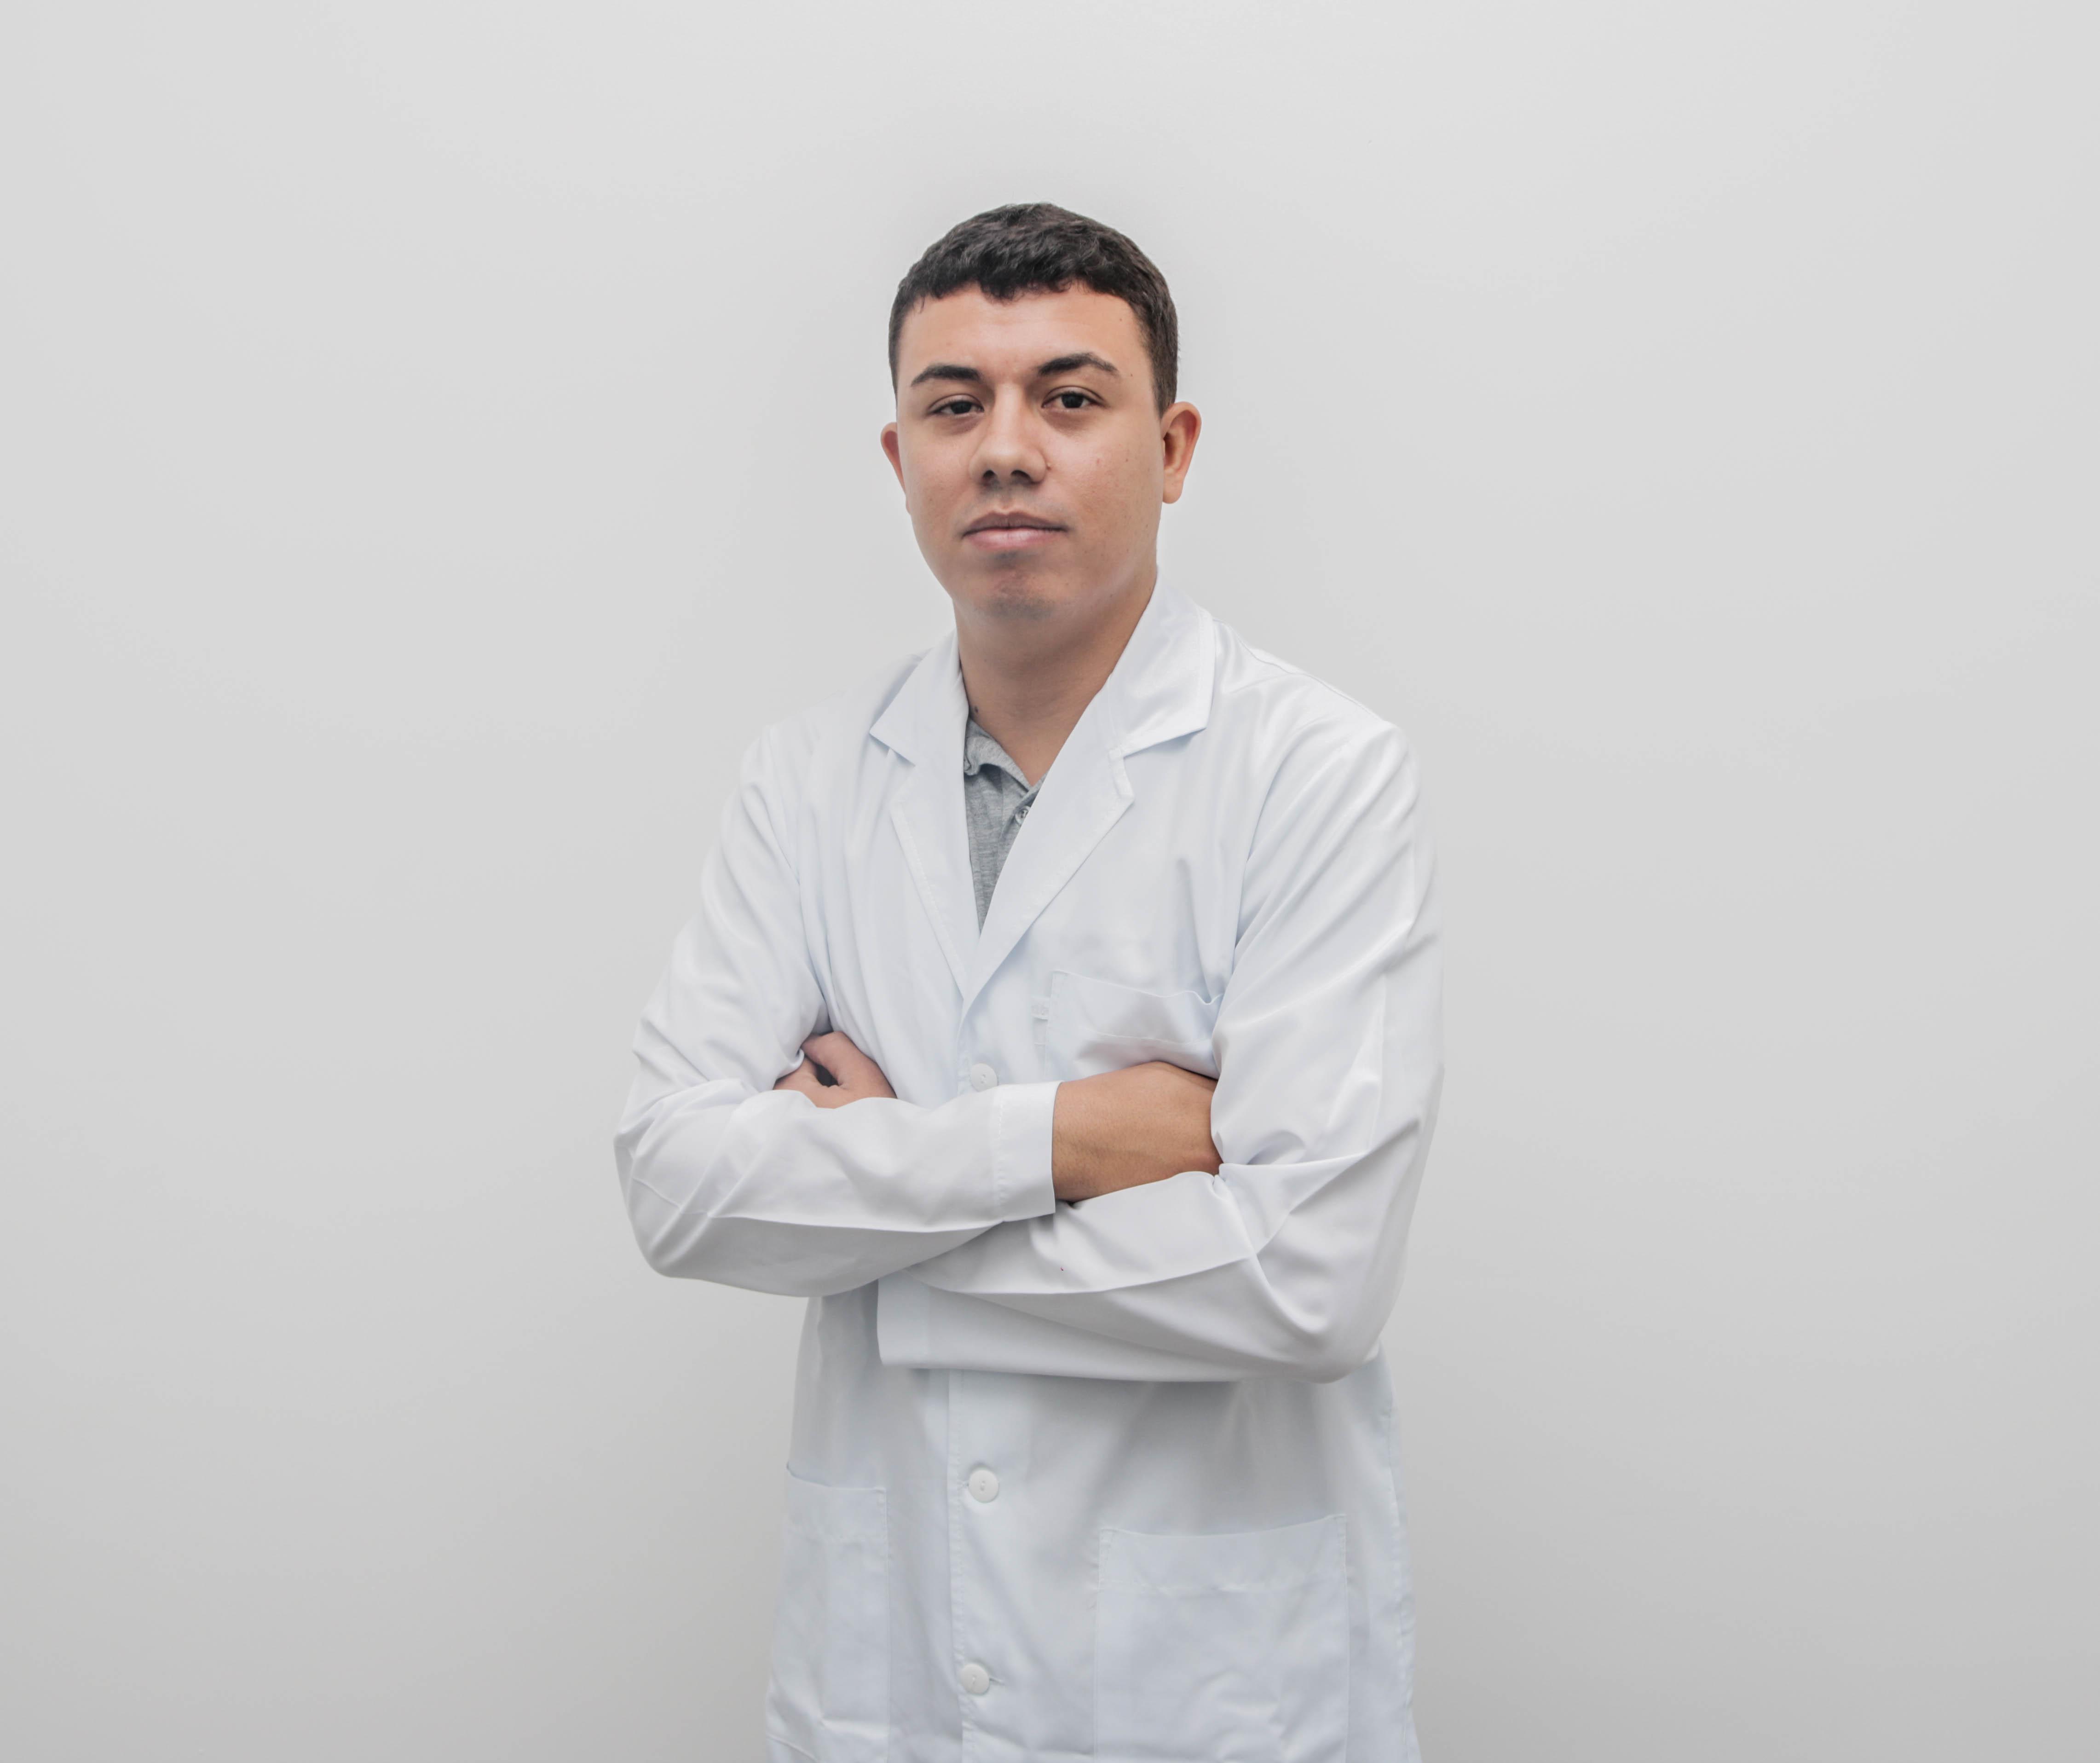 José Vinicius Vaceli